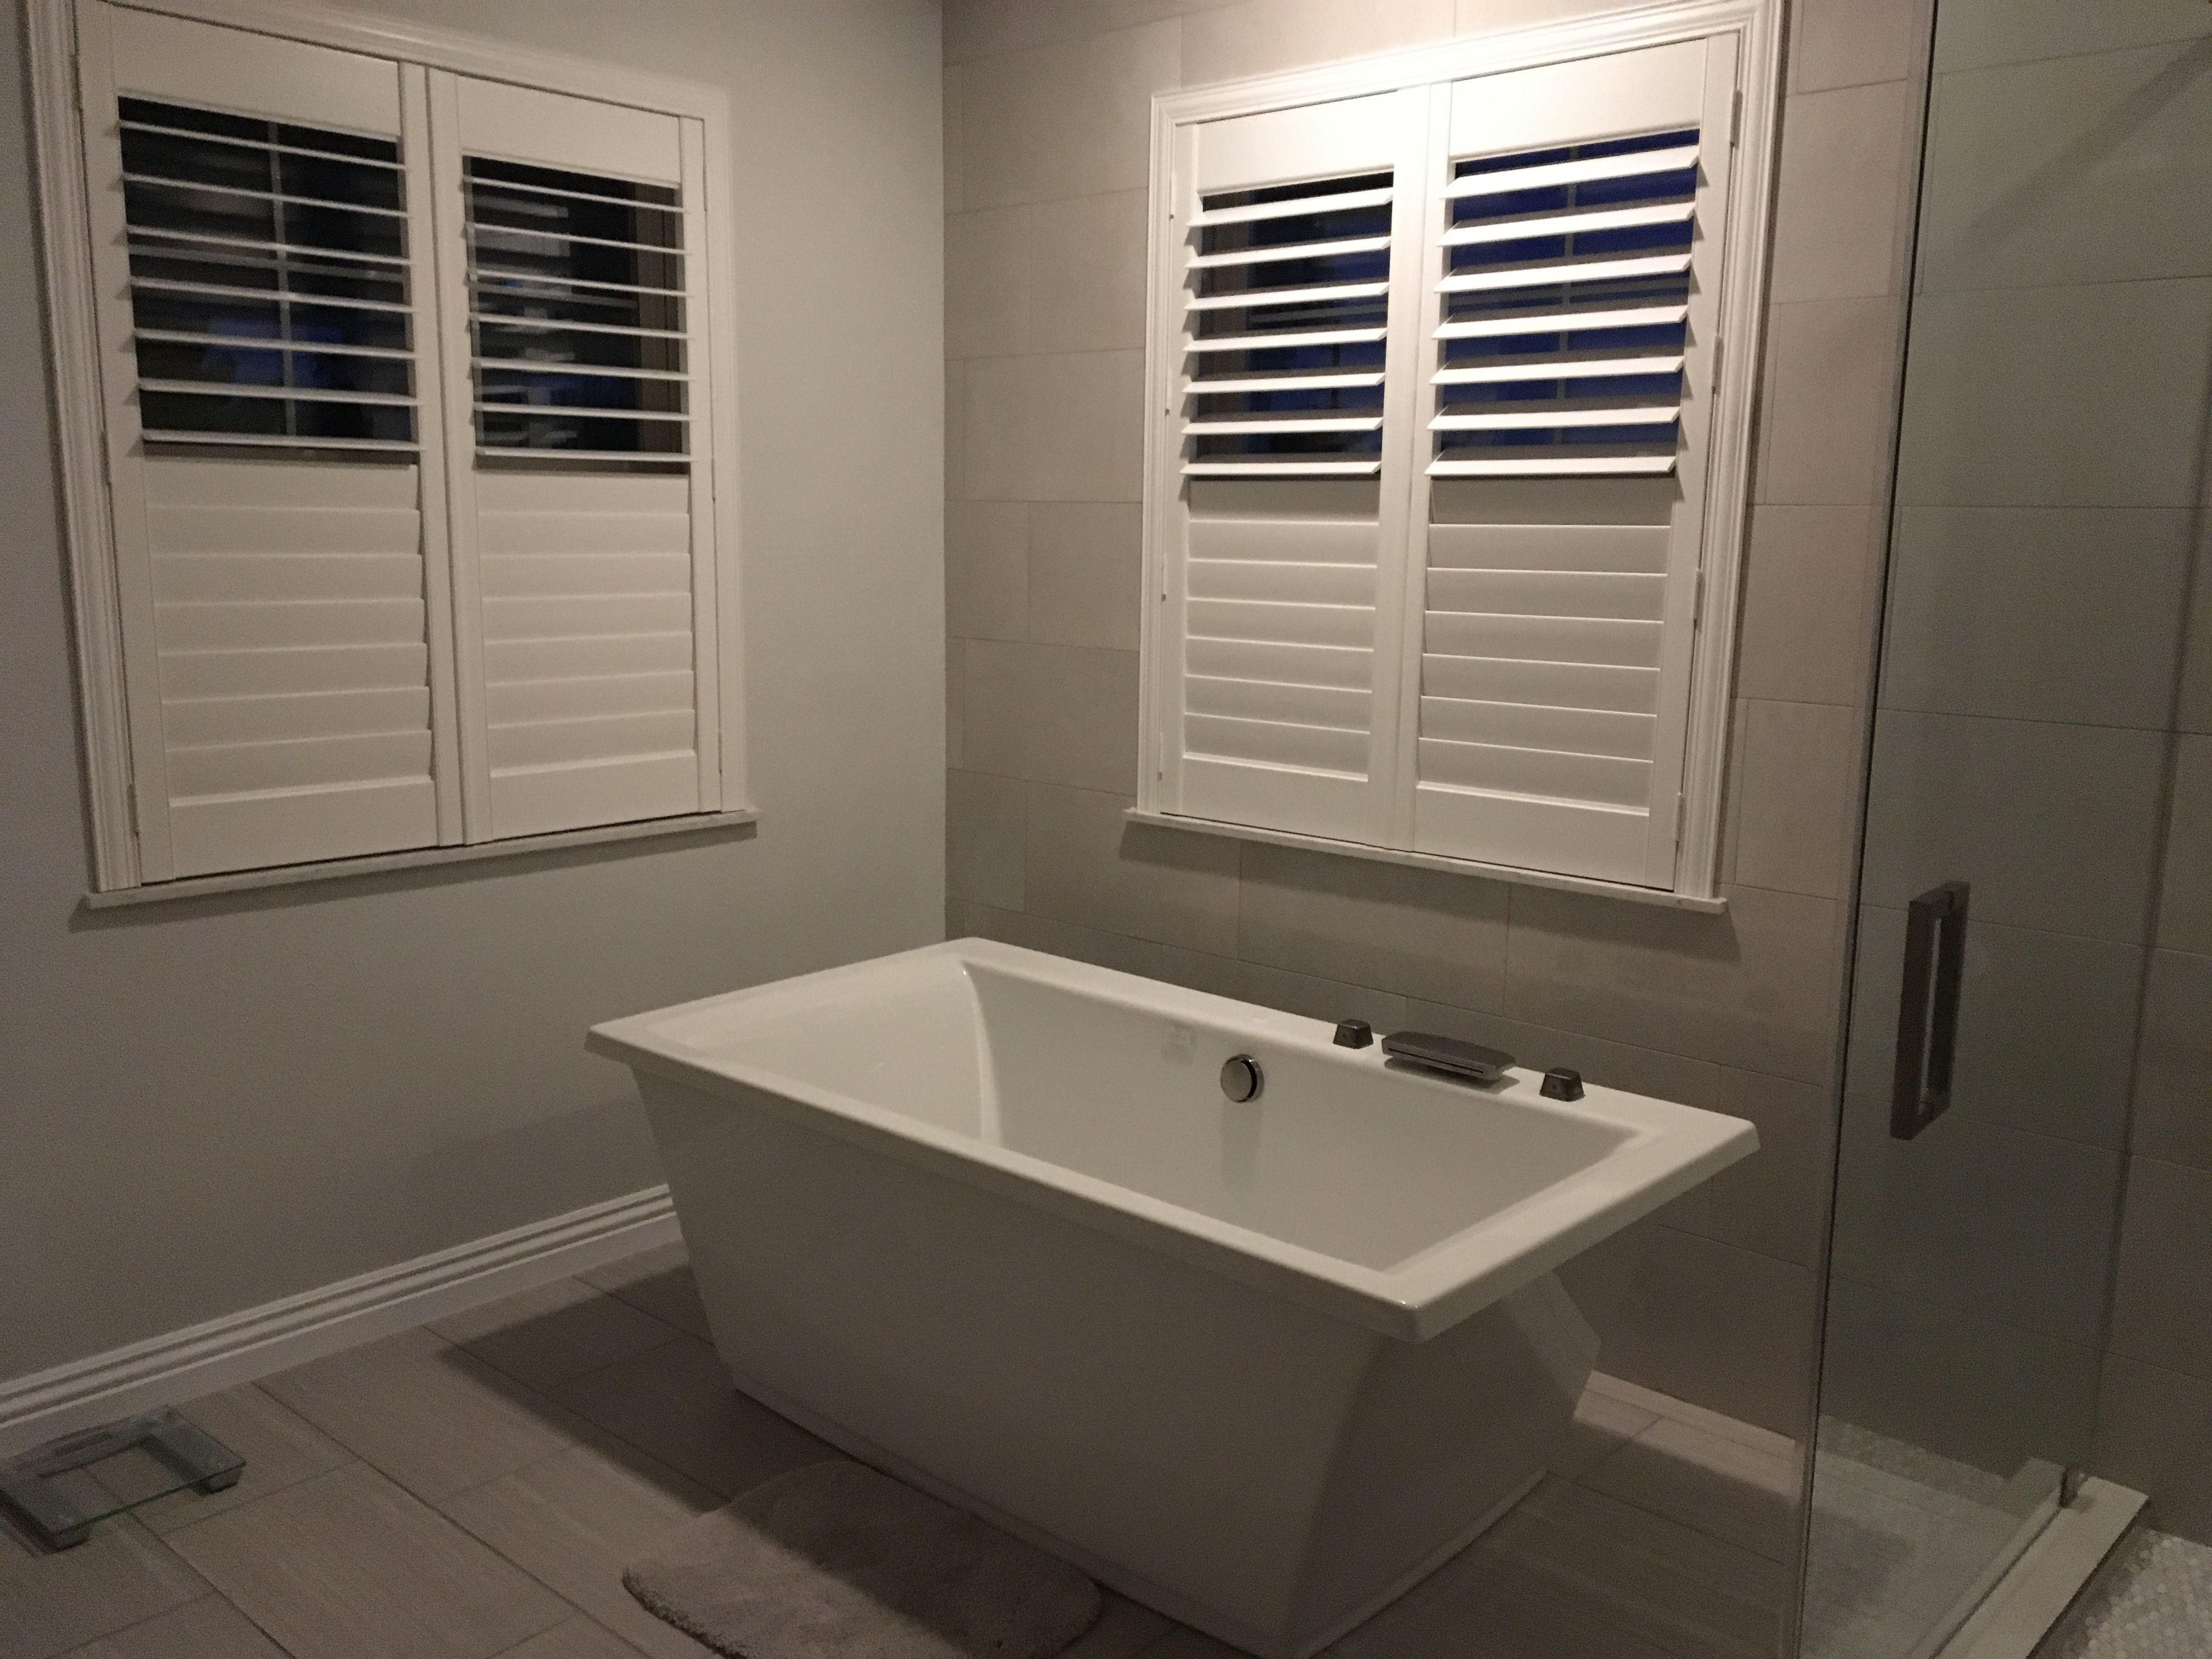 Jacuzzi, Fiore, freestanding Air tub | Master bath | Pinterest | Air ...